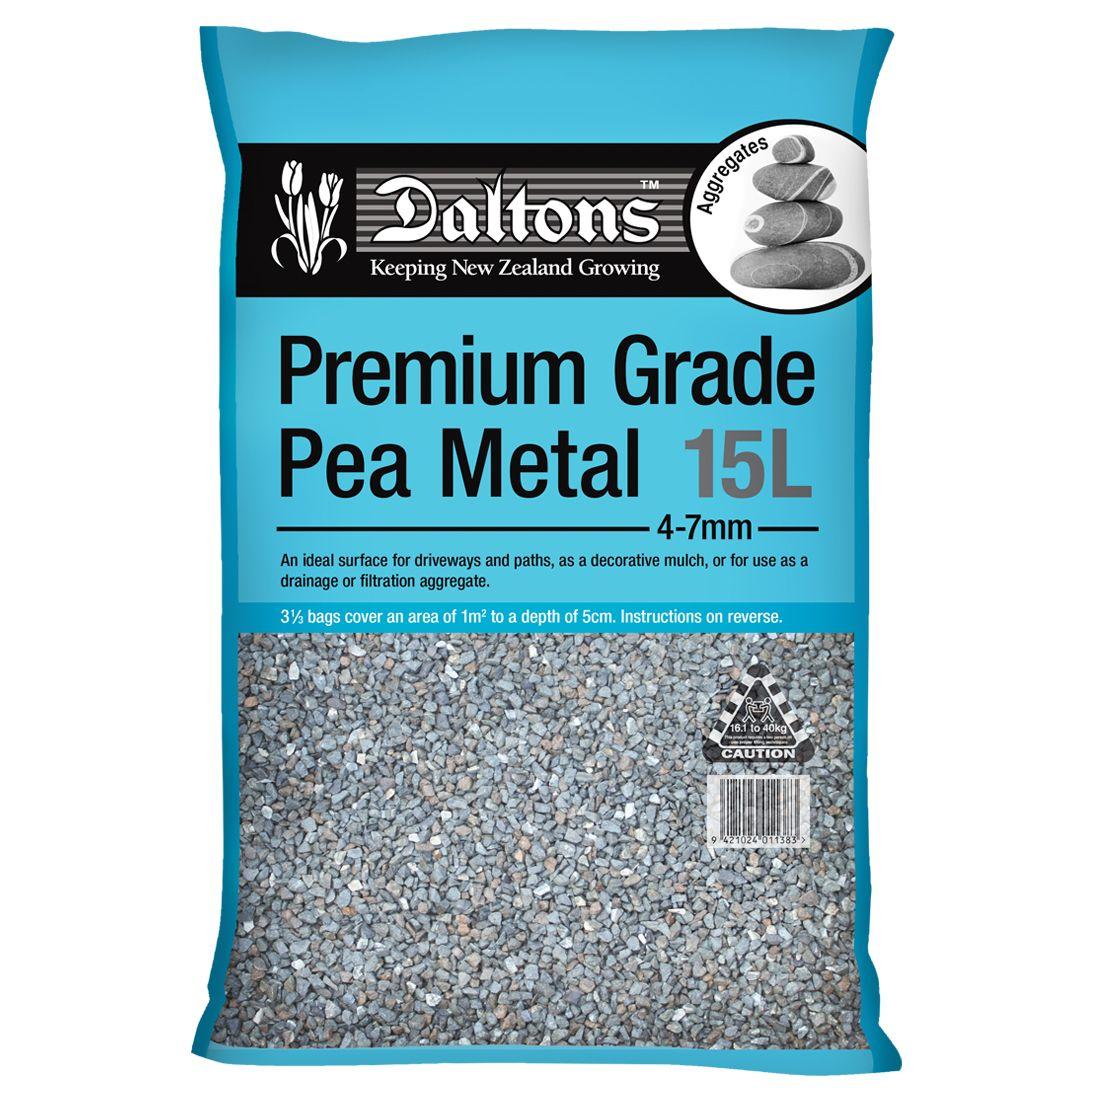 Premium Grade Pea Metal 15L Bag